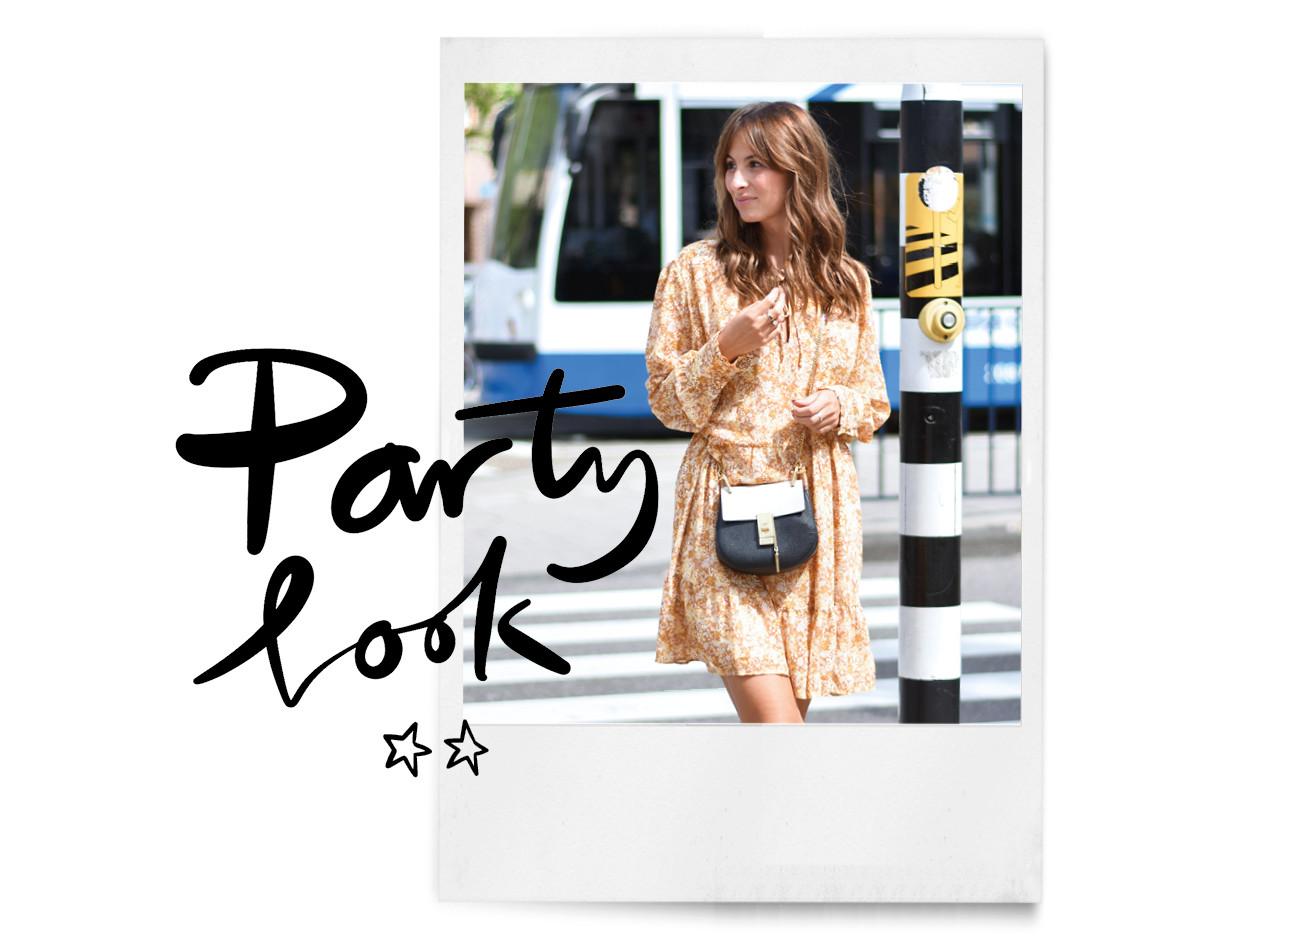 Lilian op straat bij een zebrapat in een zomerse jurk